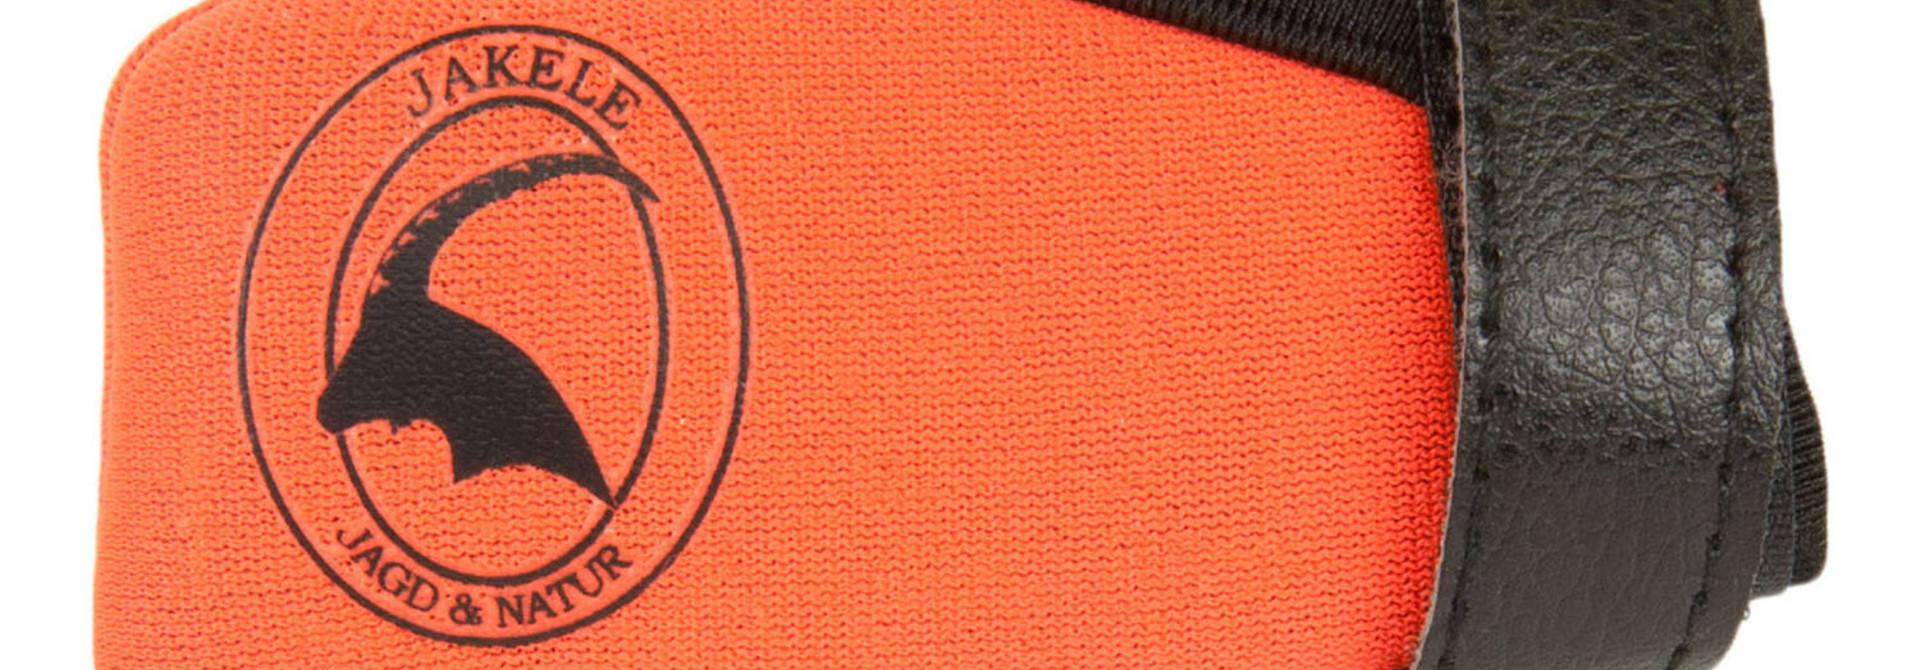 Jakele Mündungsschoner für einläufige Waffen orange